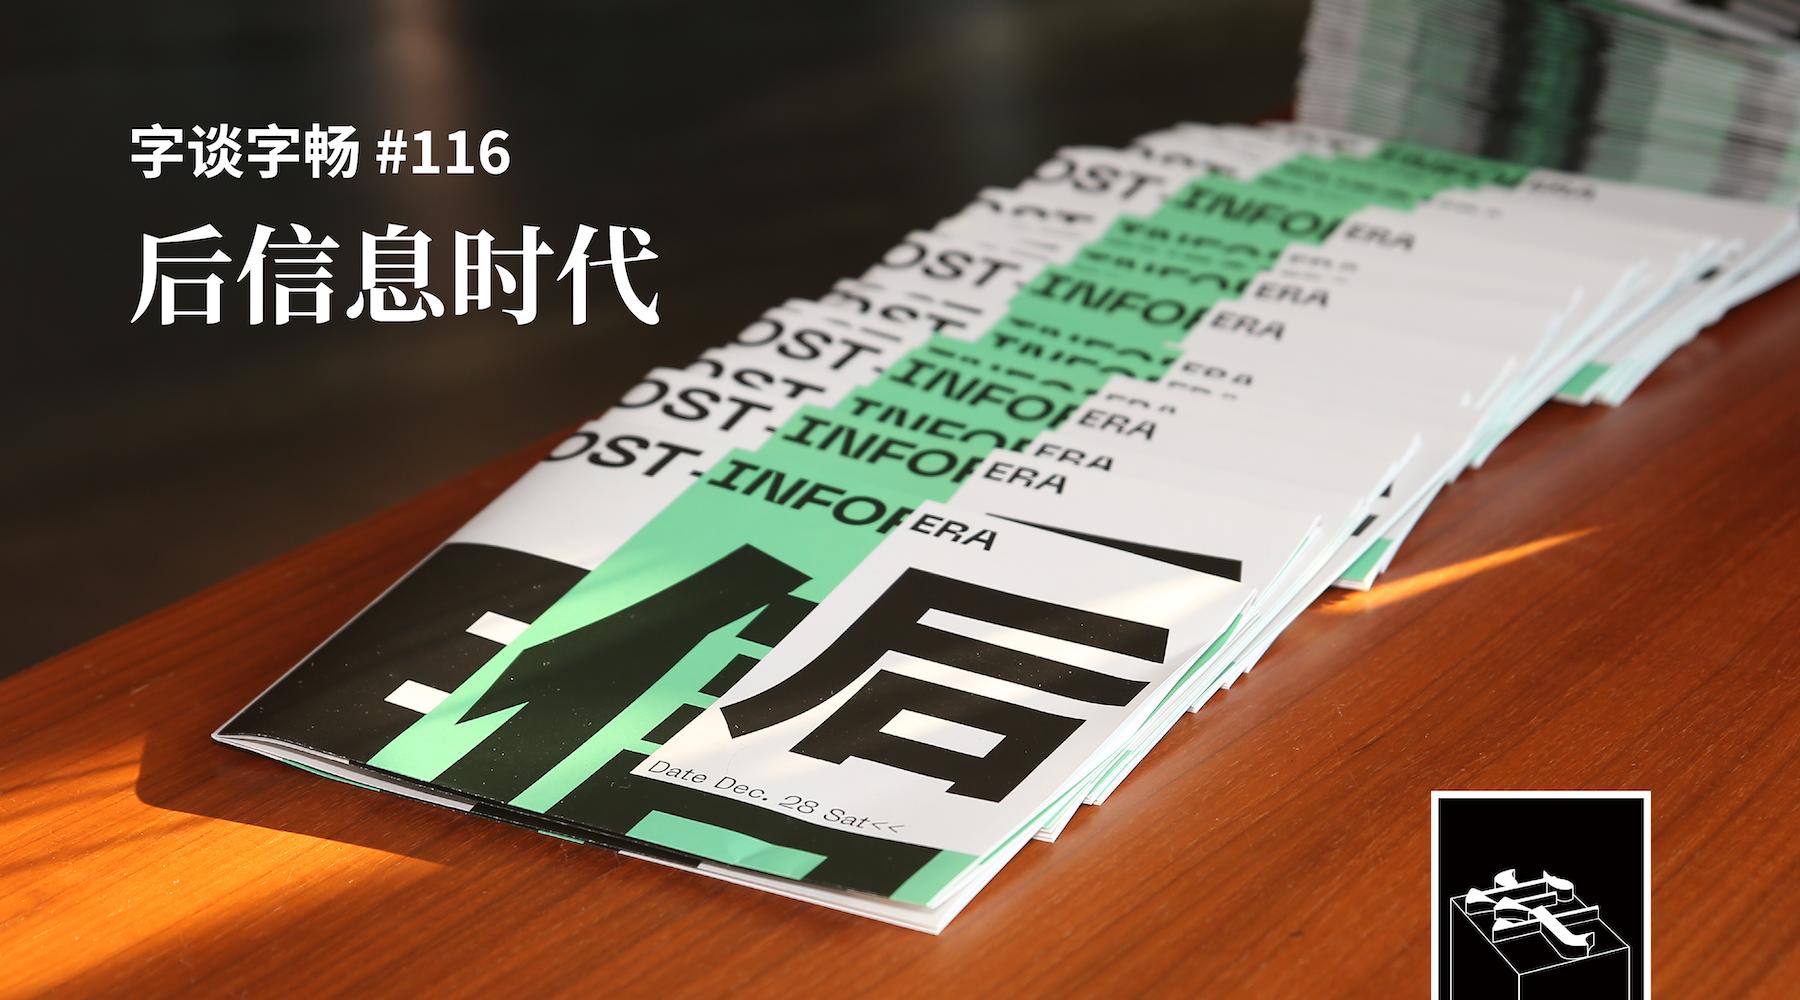 TypeChat #116